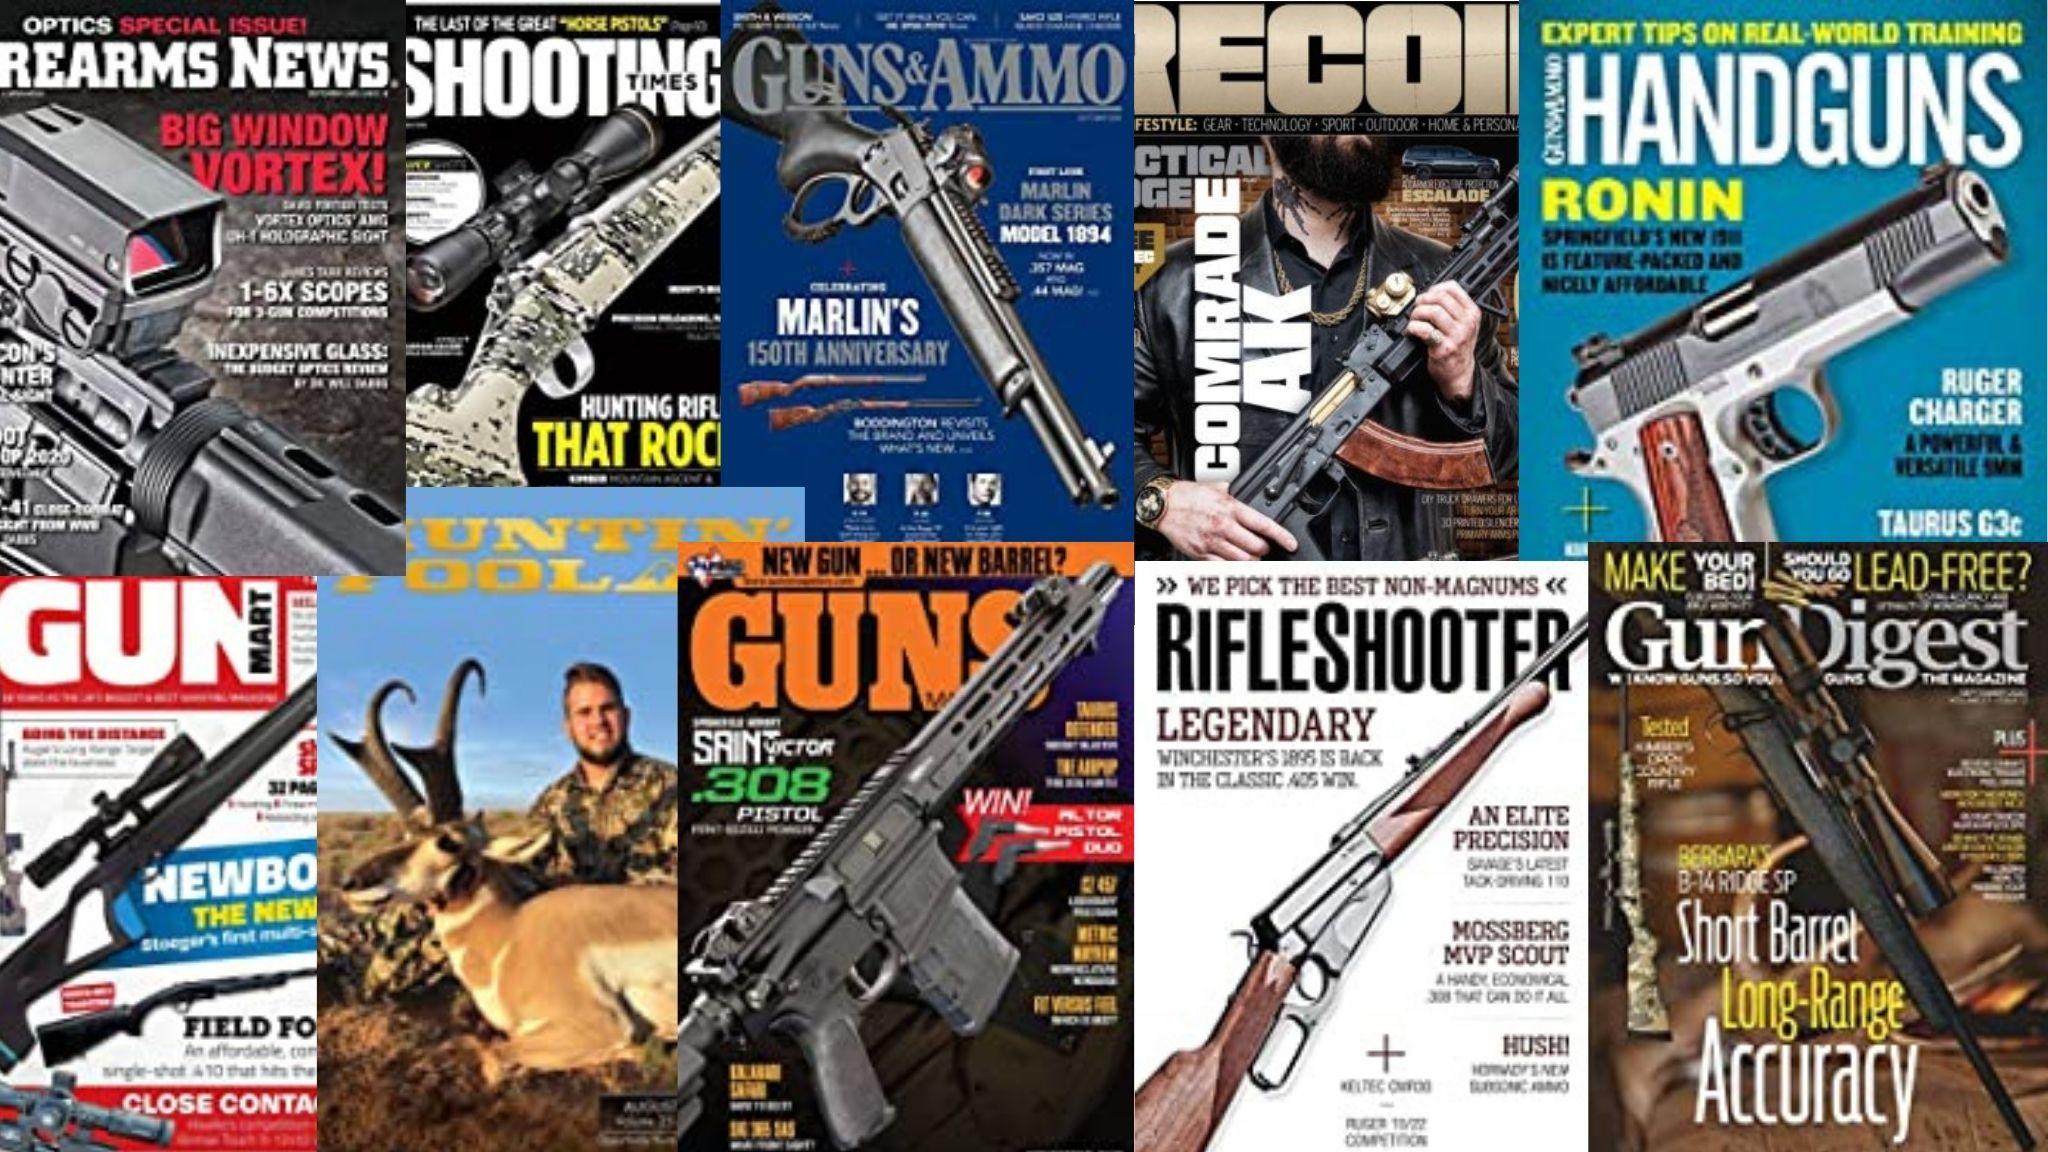 Revistas de armas en inglés